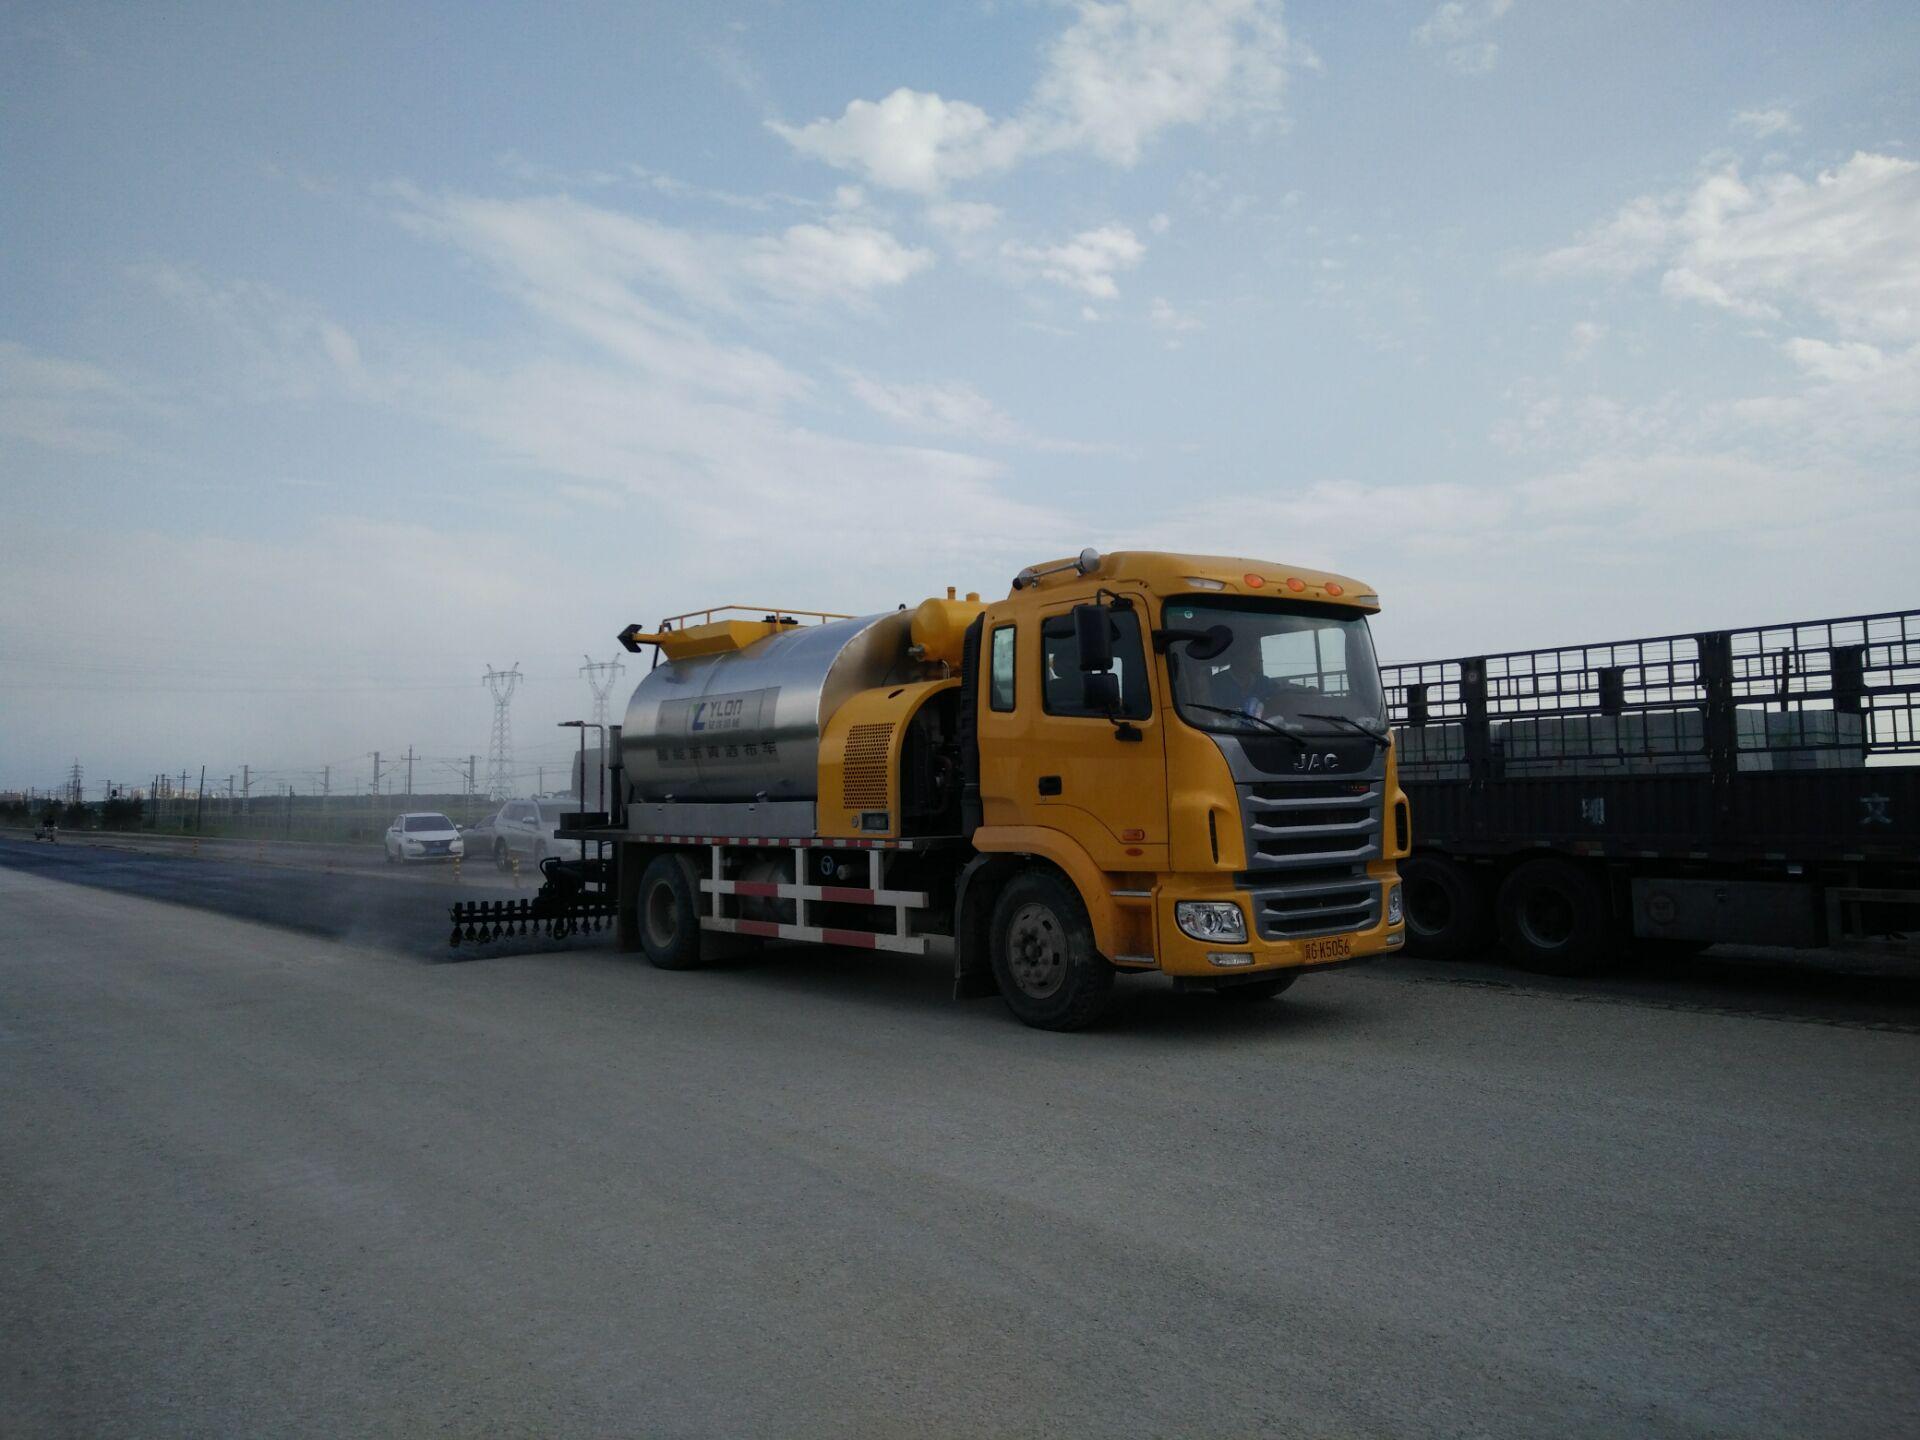 沥青洒布车型号0845,松科高速白城施工